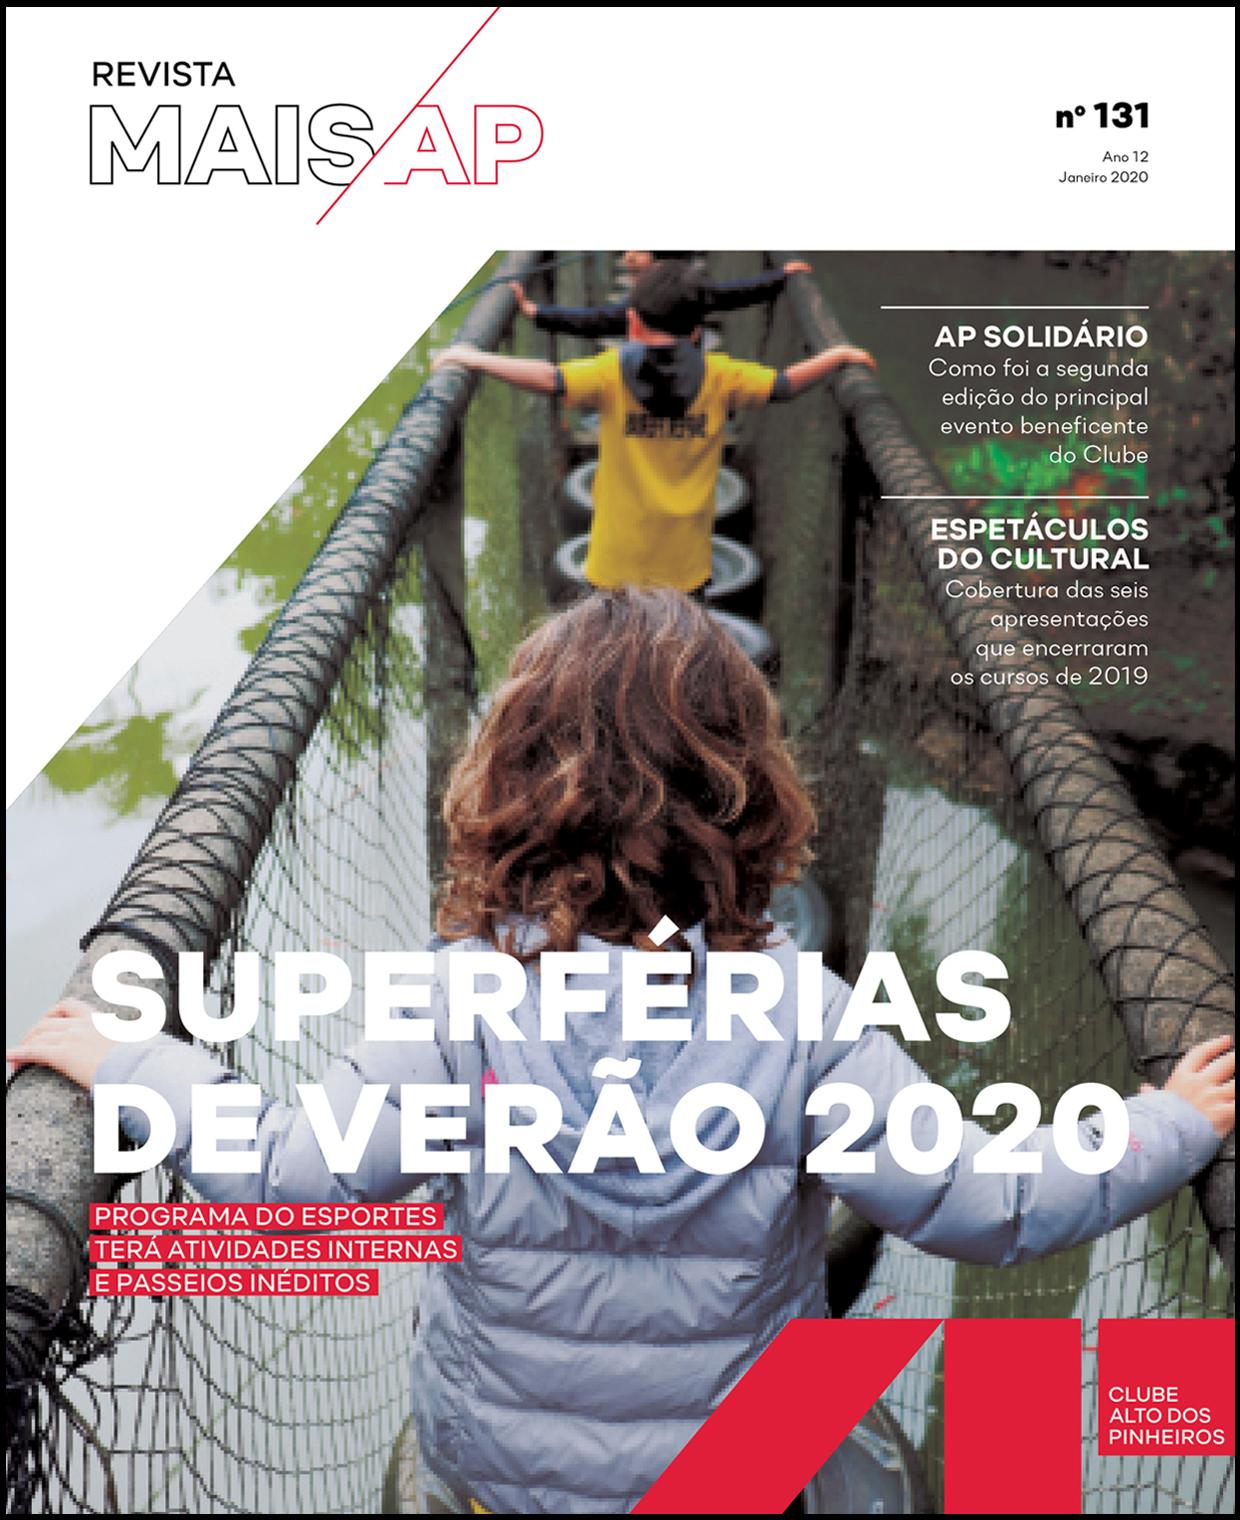 https://www.clubeap.com.br/wp-content/uploads/2020/01/revistamaisap-131-capa-1.jpg